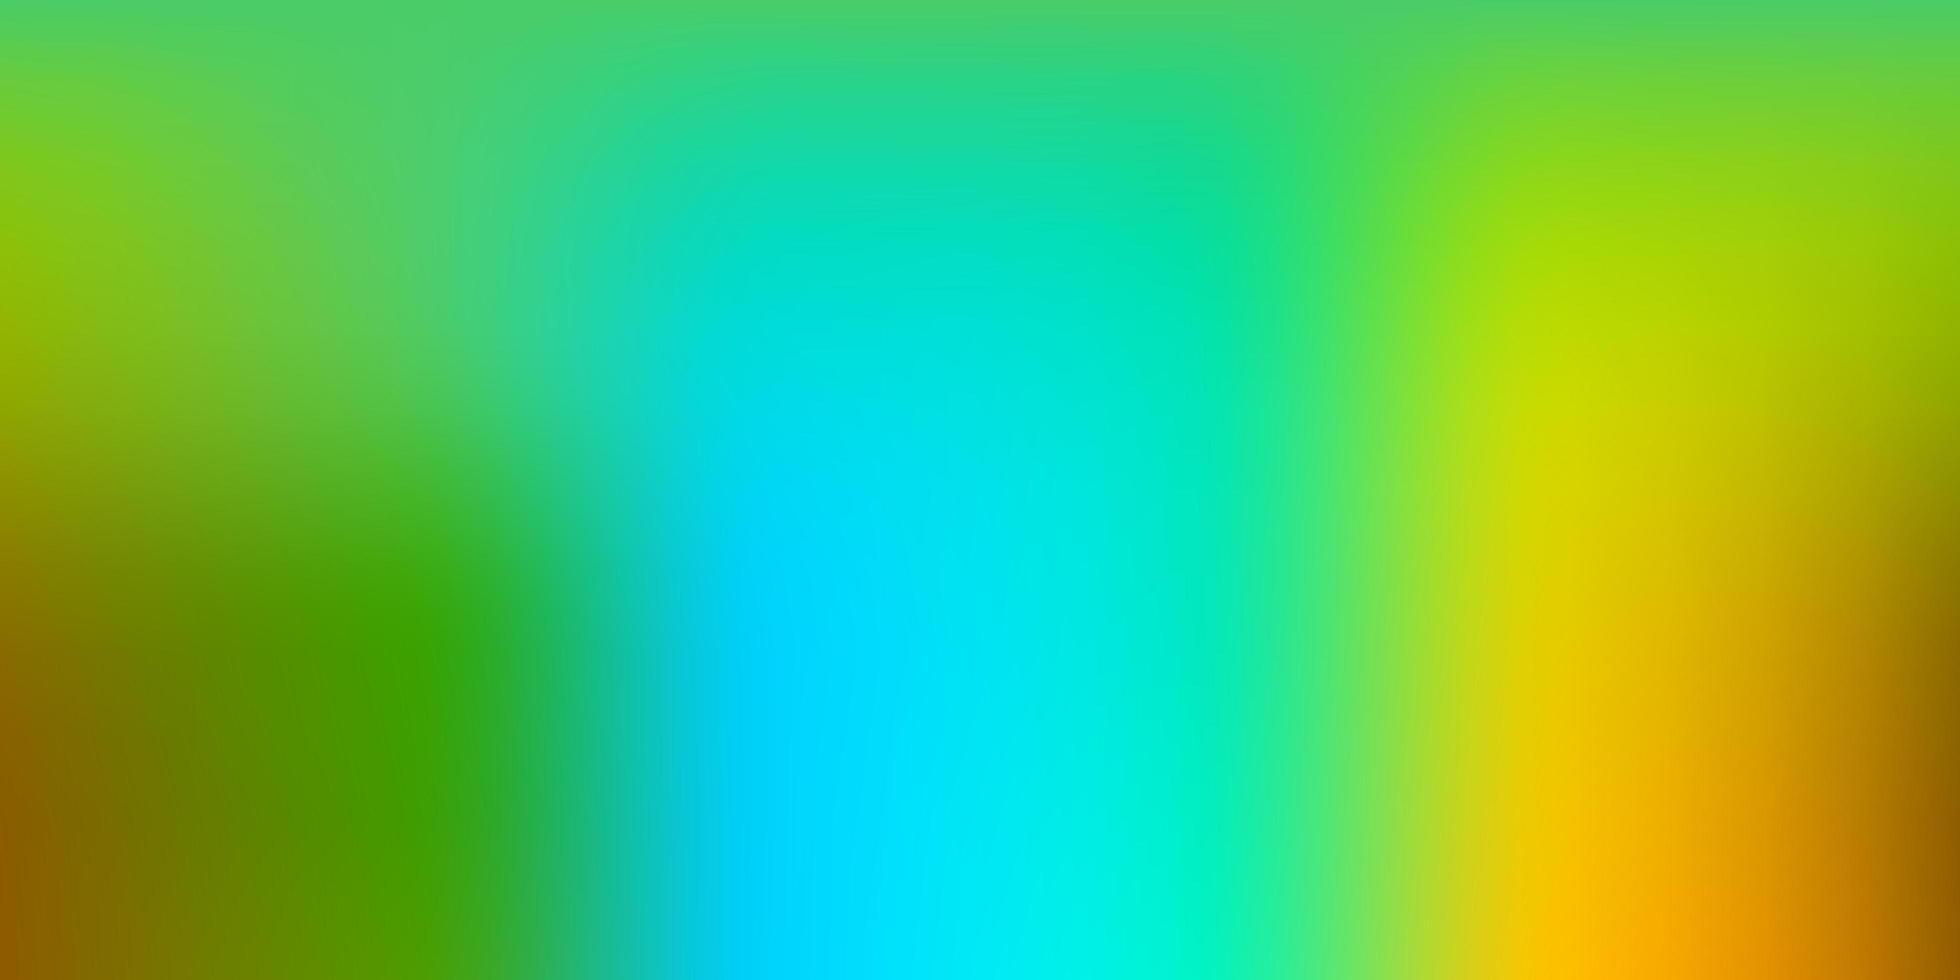 ljusblå, gul vektor abstrakt oskärpa ritning.